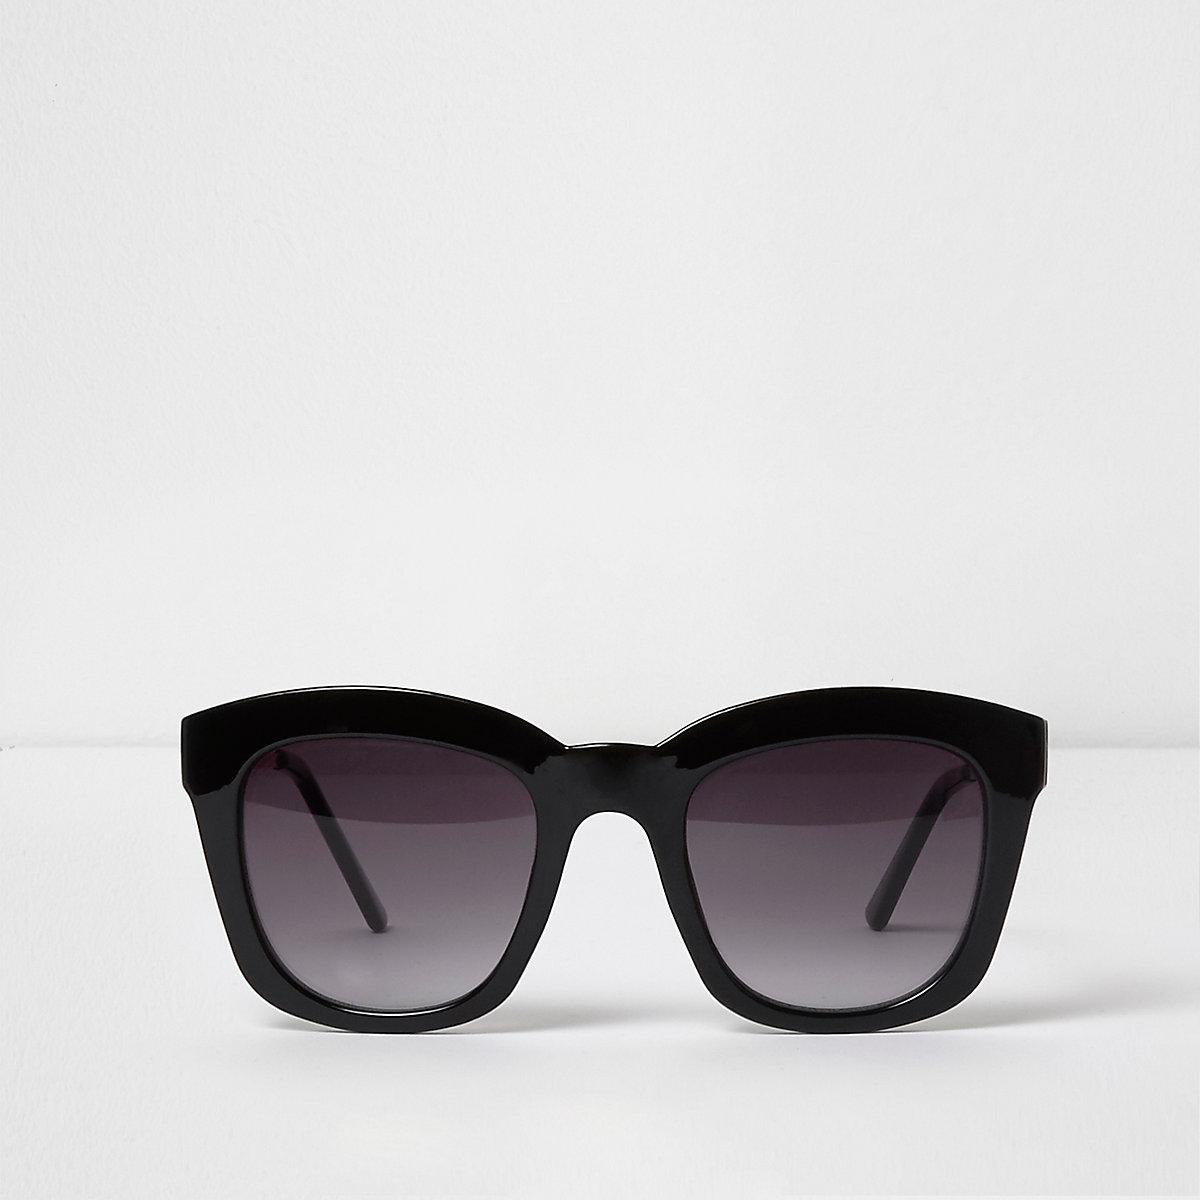 Zwarte oversized glam zonnebril met getinte glazen